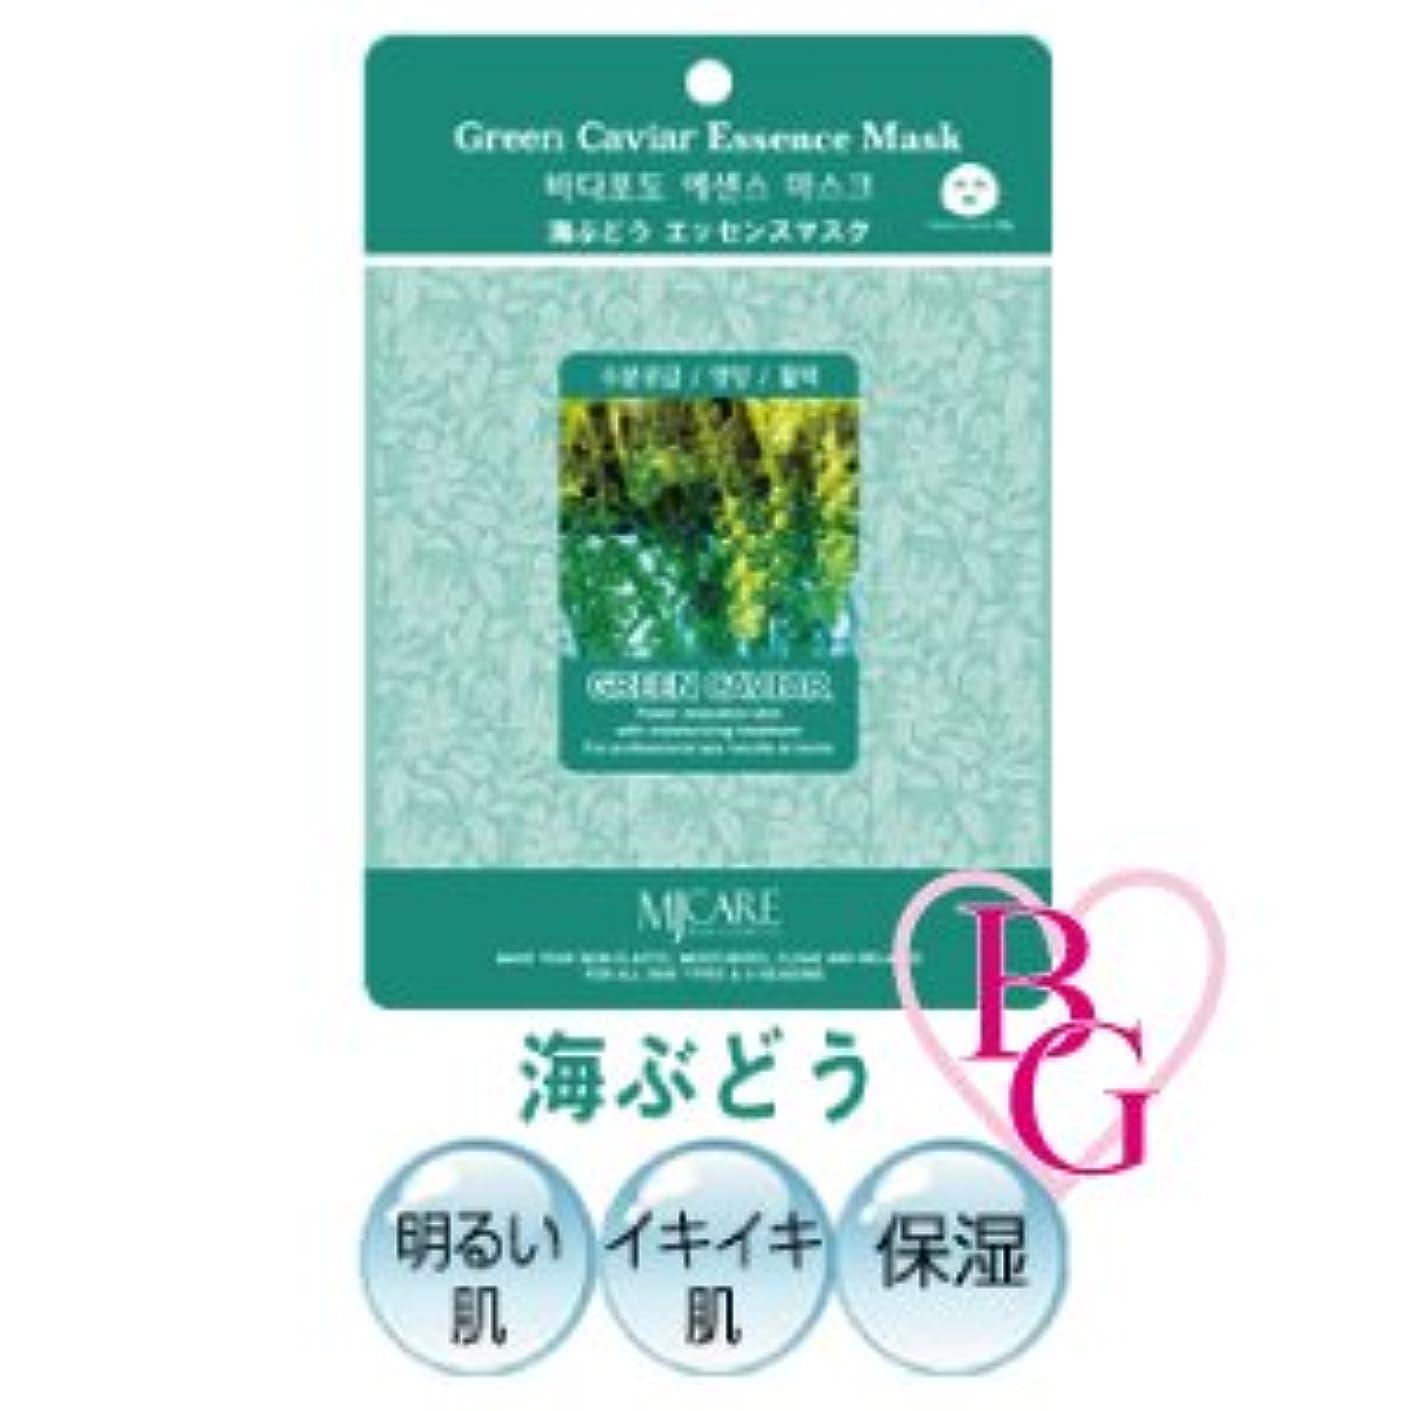 文庫本辛な大胆な海ぶどうエッセンスマスク(100枚入) 【MJcare - MJケア】